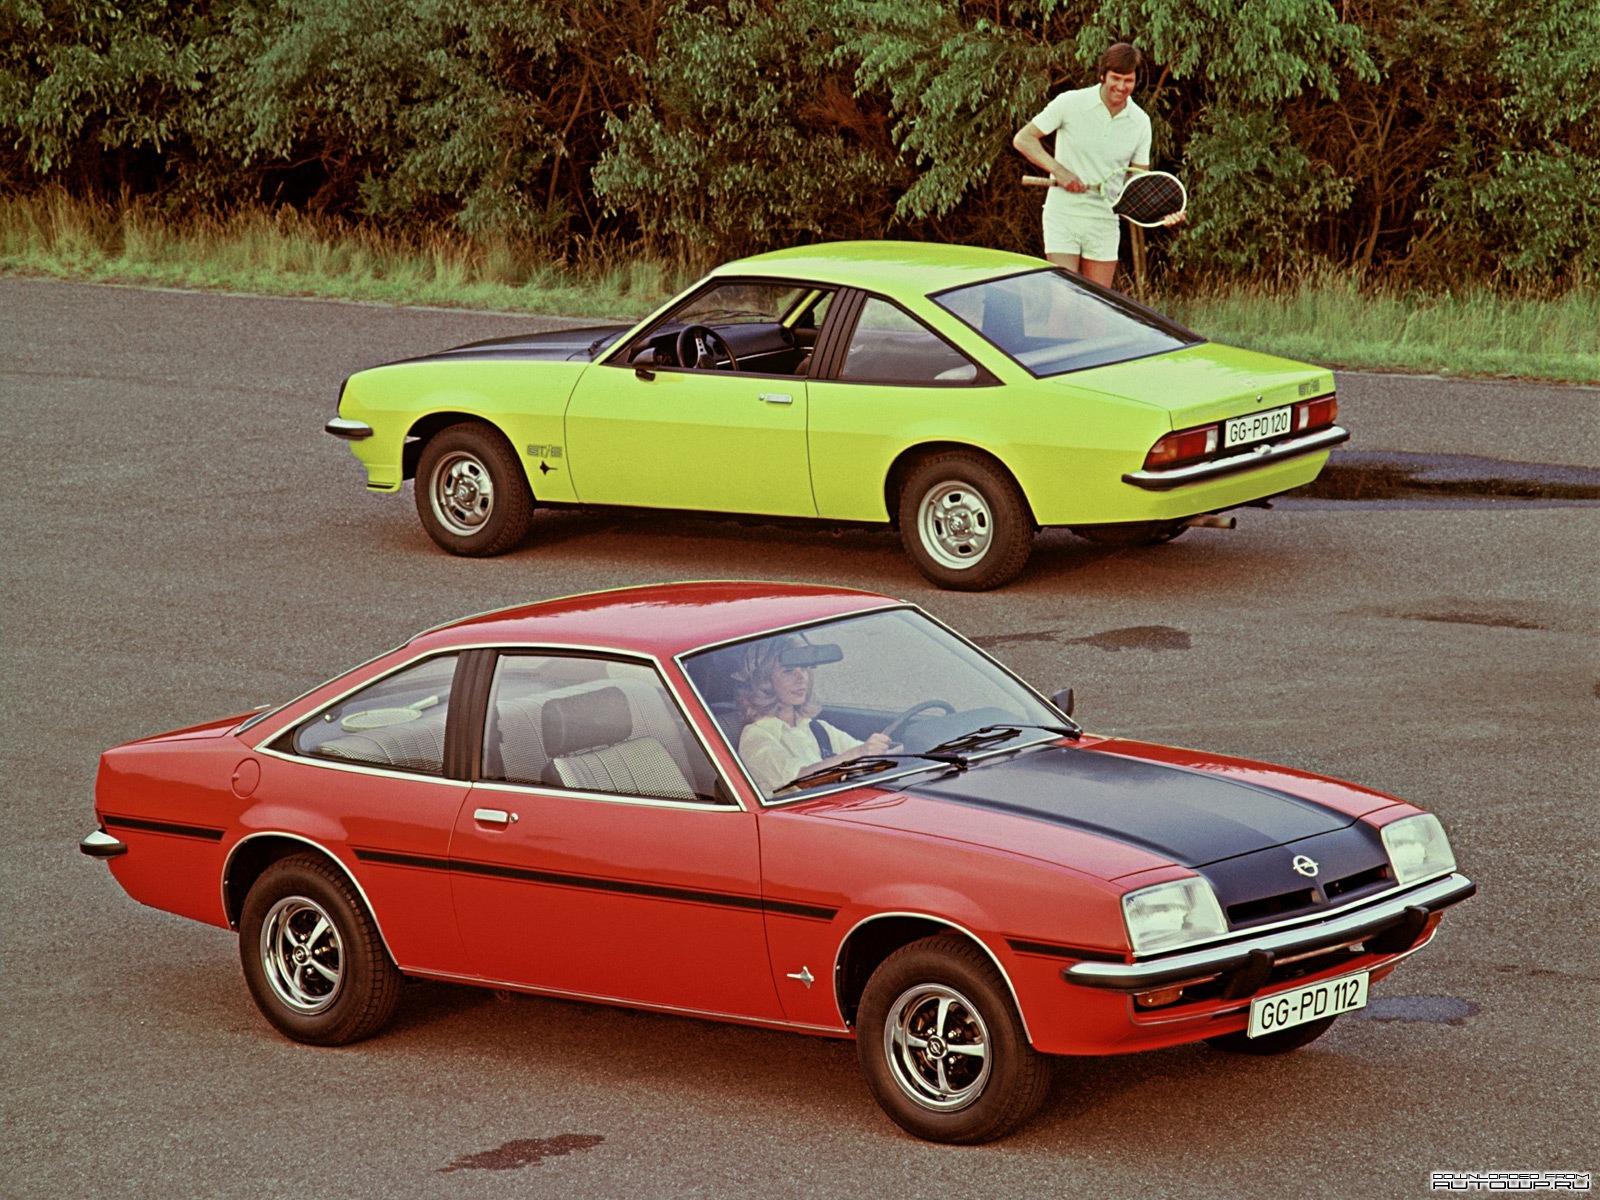 Машины 80 х годов фото